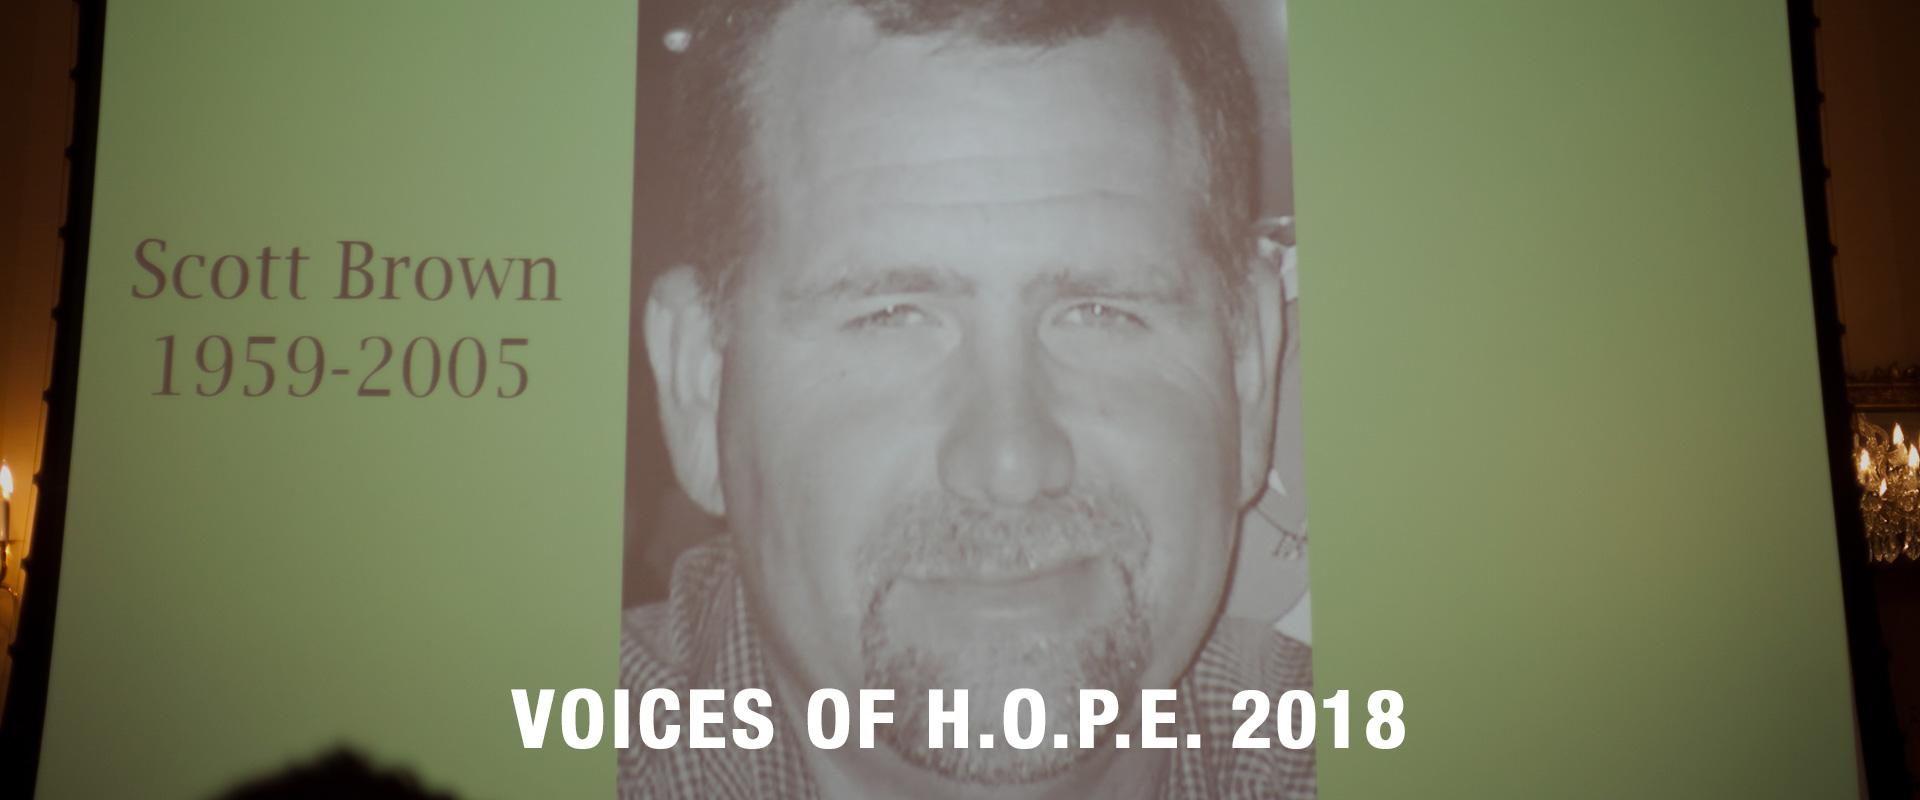 Voices of H.O.P.E. 2018 - 12